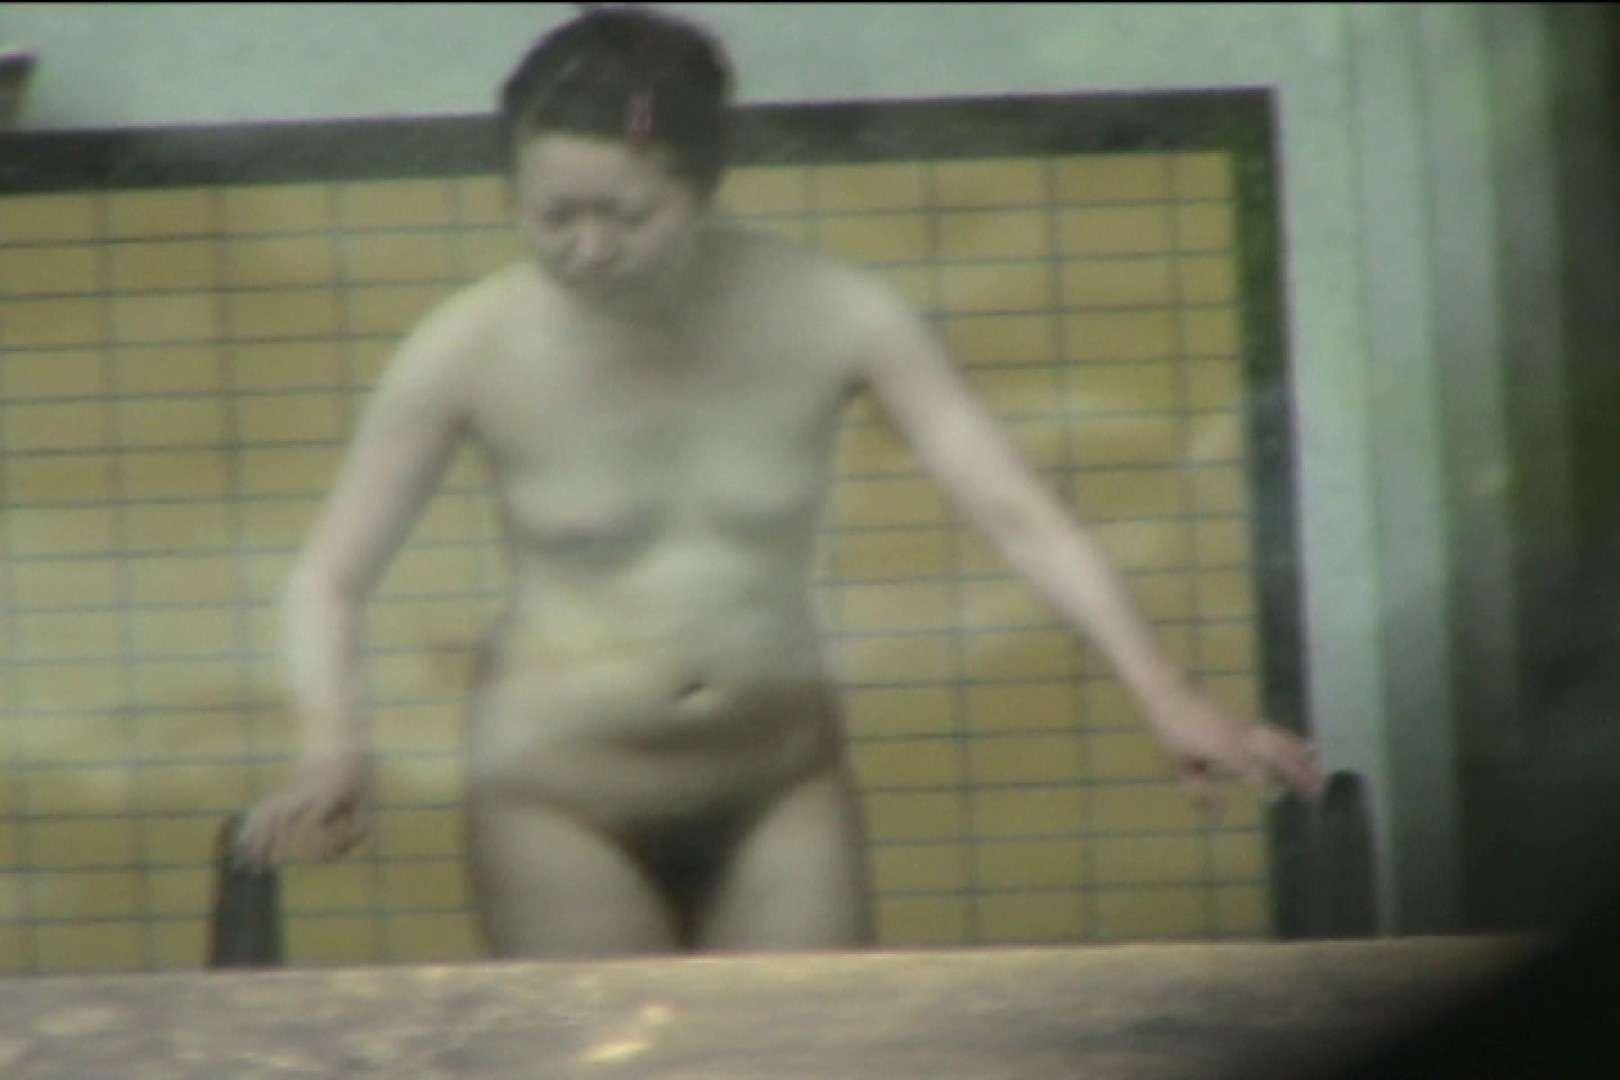 お女市さま編 オムニバスVol.12 細身体型 エロ画像 111枚 4